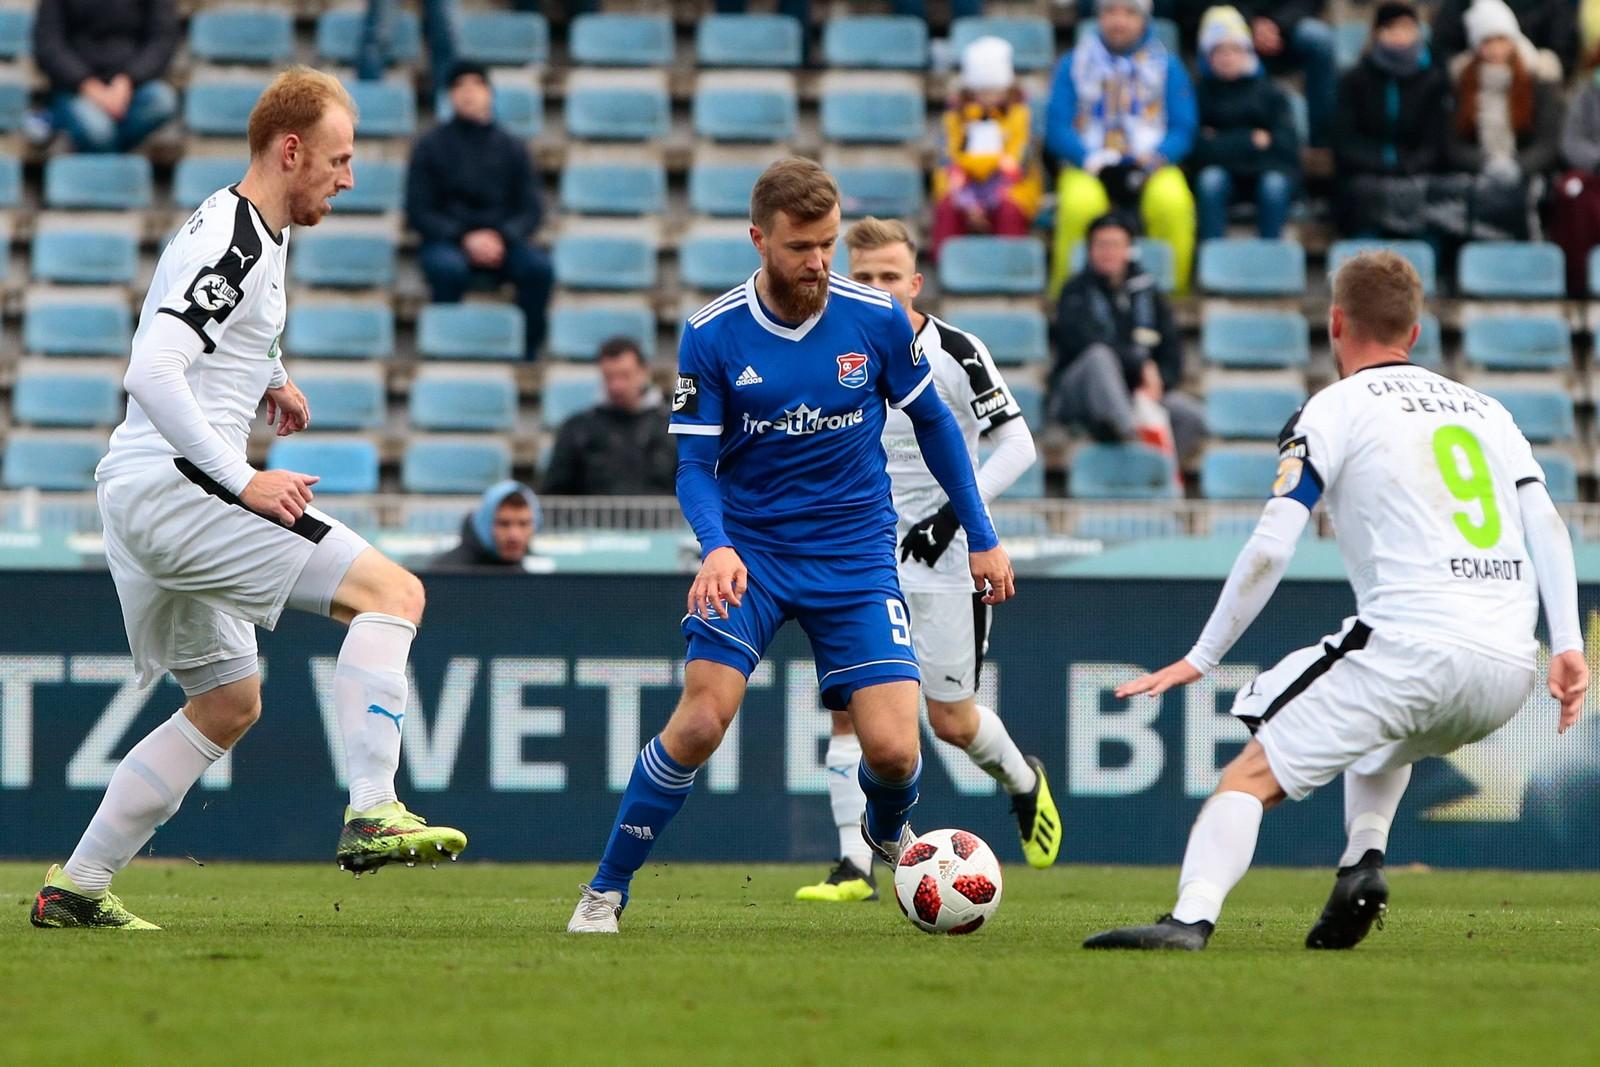 Mit 13 Saisontoren führt Stephan Hain die Torjägerliste der 3. Liga souverän an.